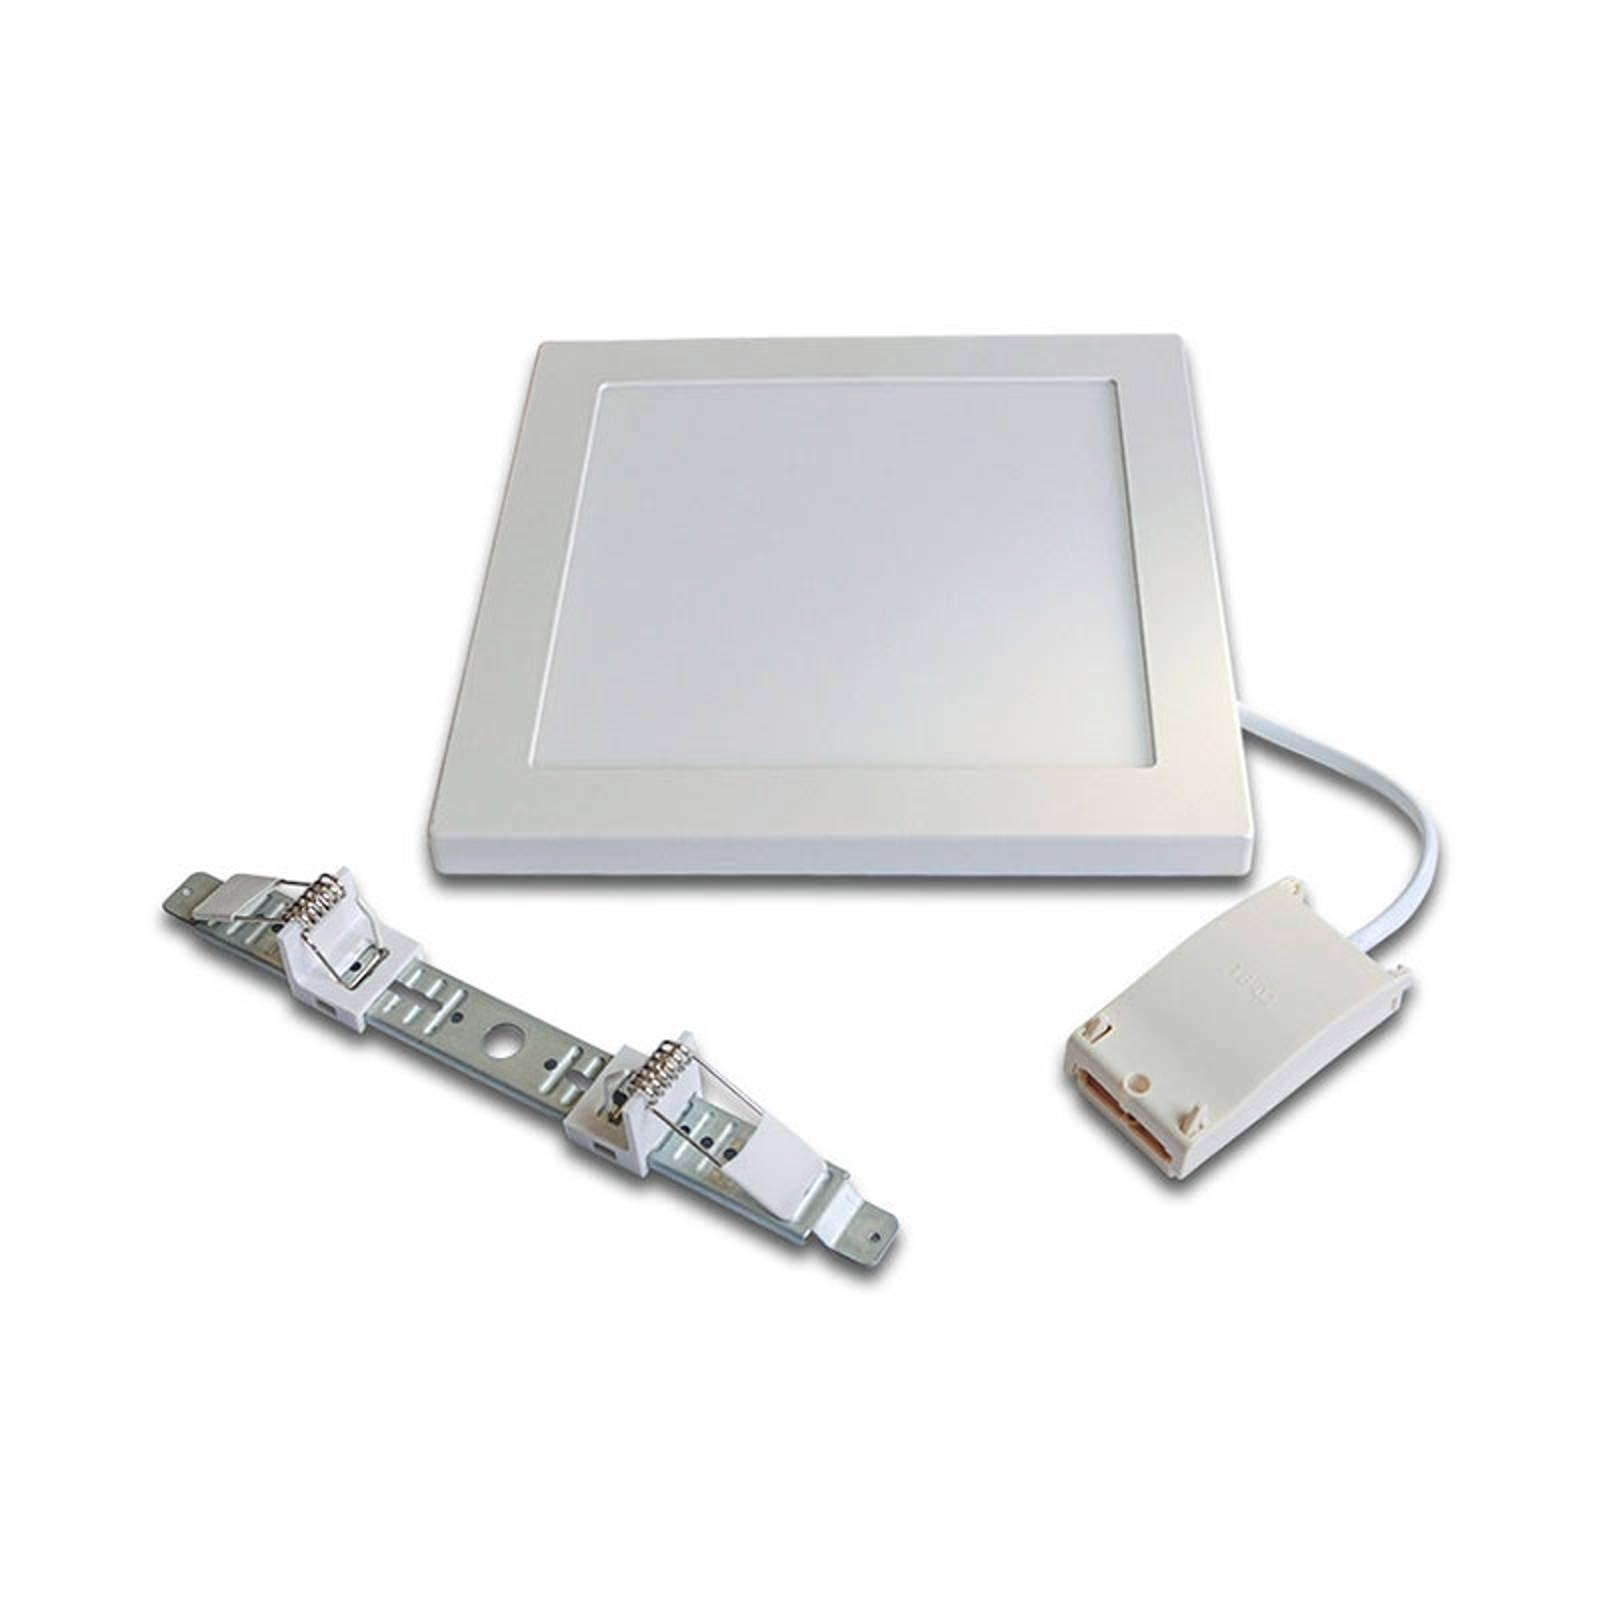 LED-pære FQ 65/205, inn-/påmontering, 4 000 K